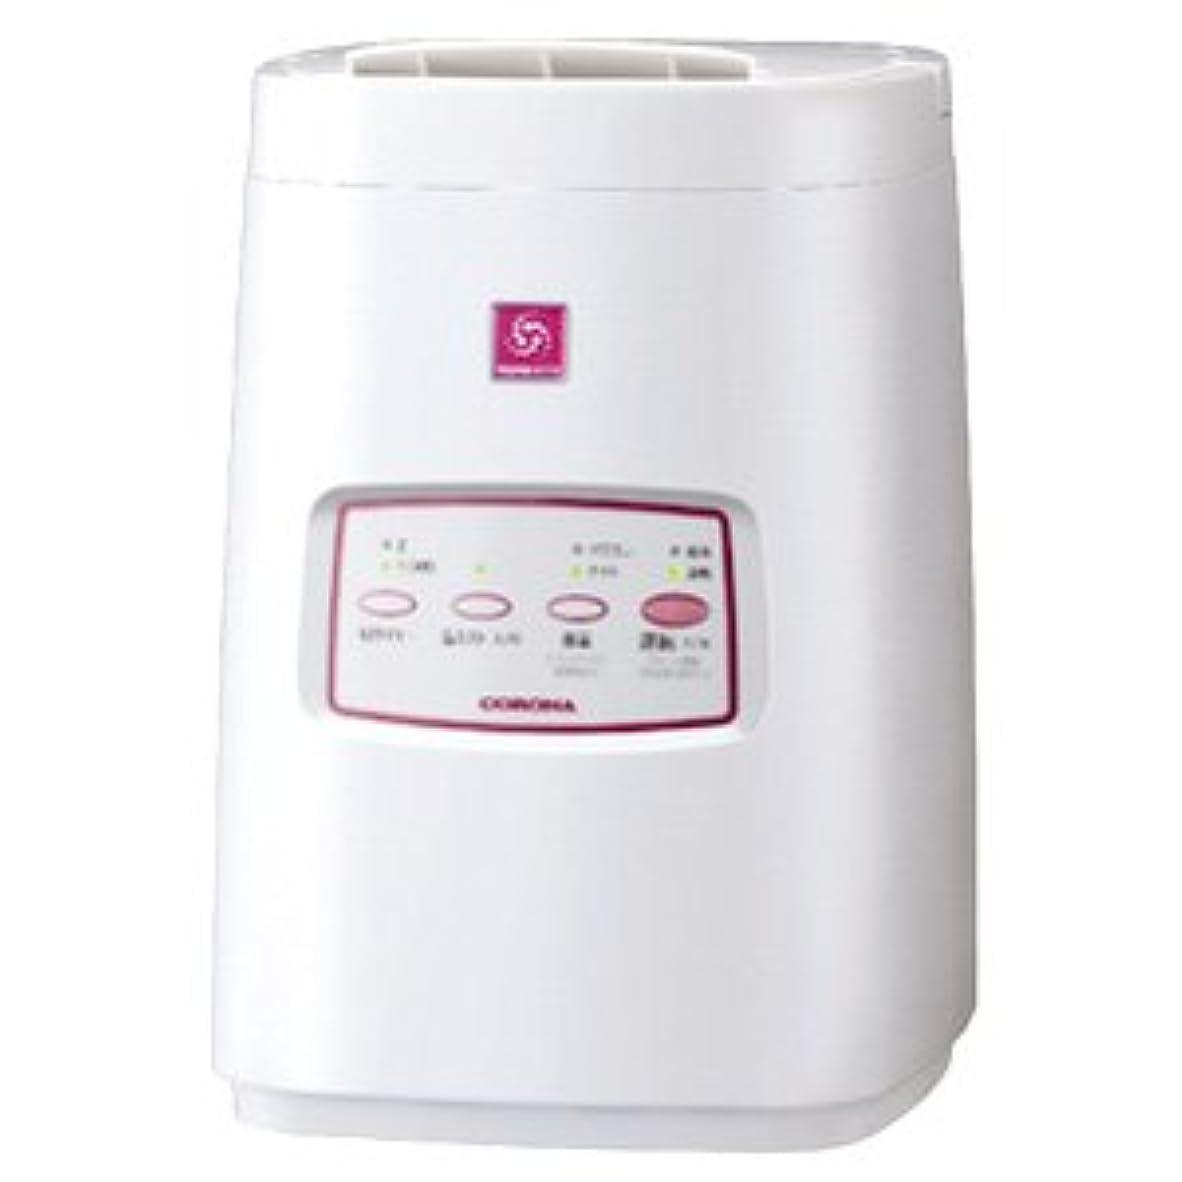 協同いじめっ子ましい美容保湿器 ナノリフレ(nano refre) CNR-400B